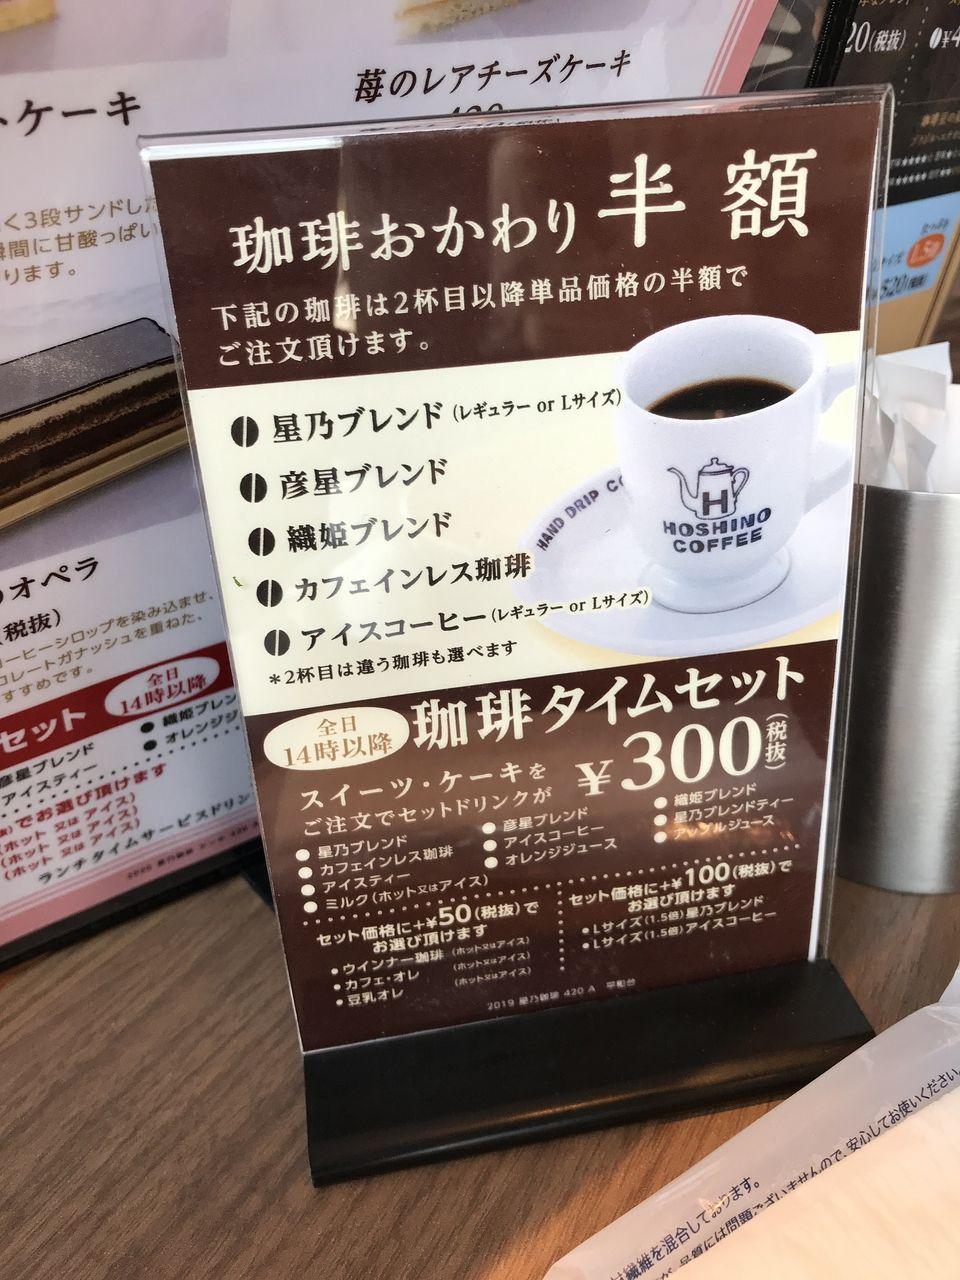 行徳のオシャレな珈琲店「星乃珈琲店」でランチ!